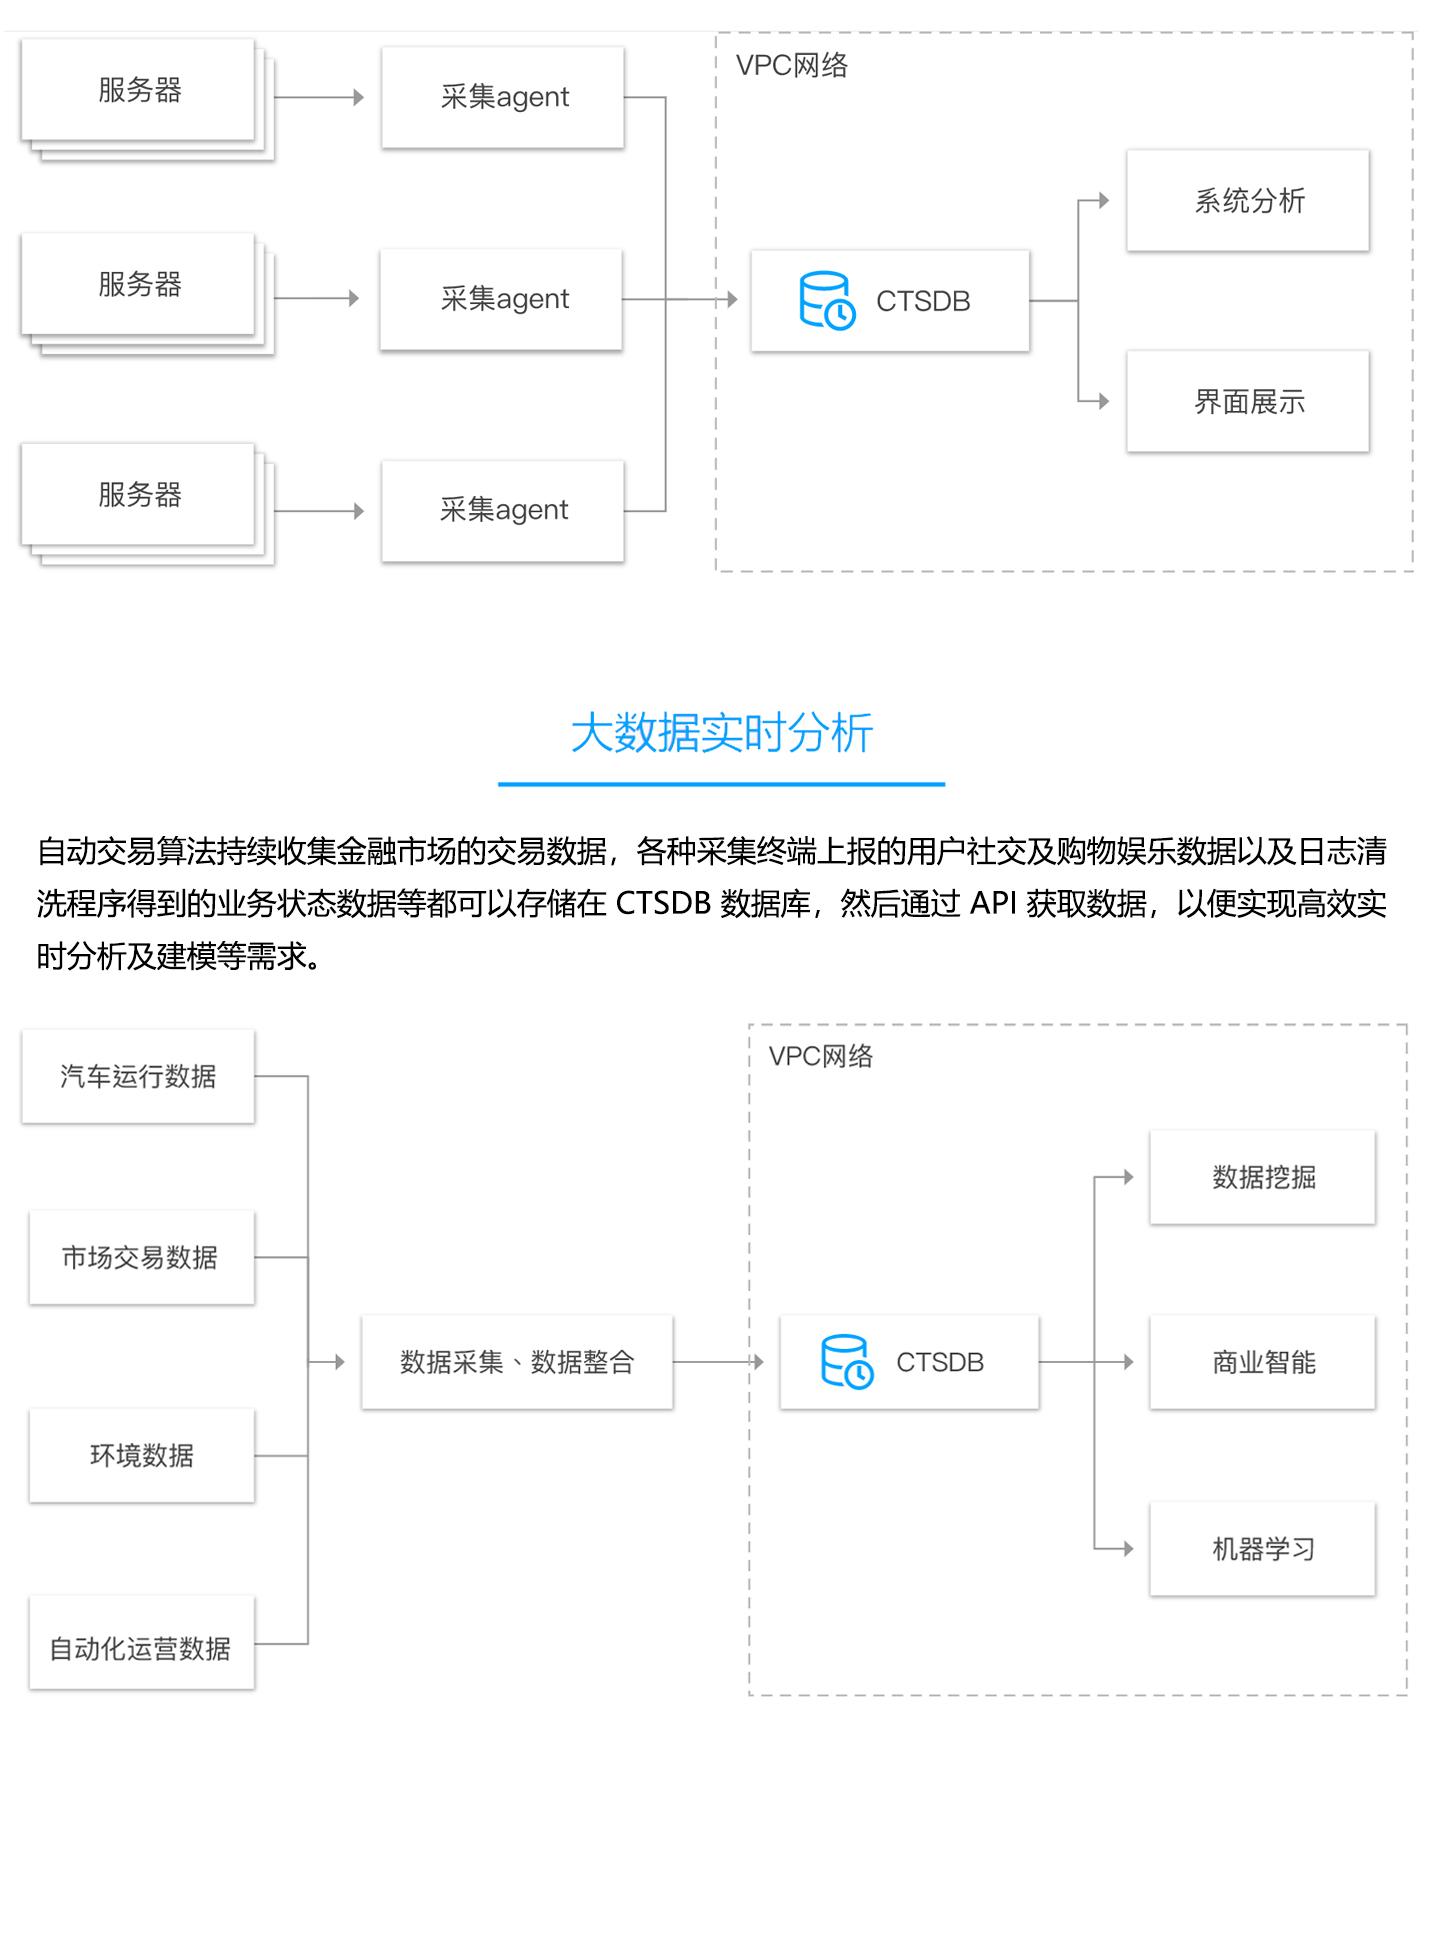 云数据库-TencentDB-for-CTSDB-1440_04.jpg